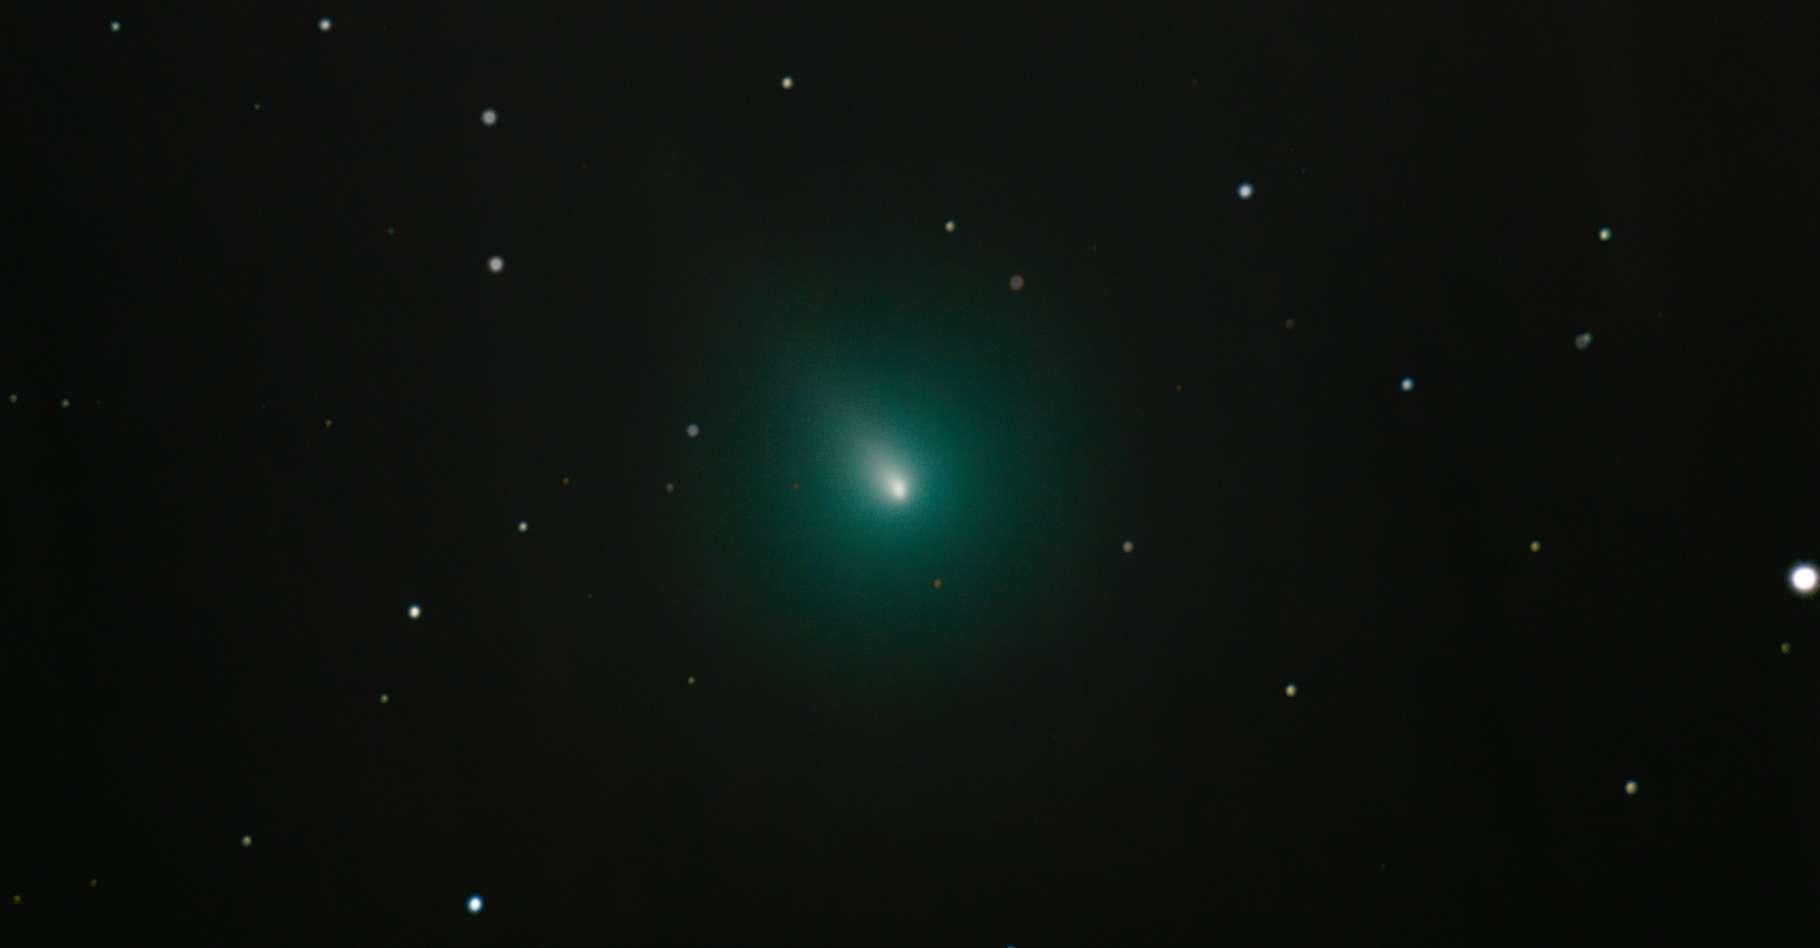 Les astronomes attendent avec impatience les données enregistrées par la sonde Solar Orbiter lors de son passage dans les queues de la comète Atlas. © Kevin, Adobe Stock